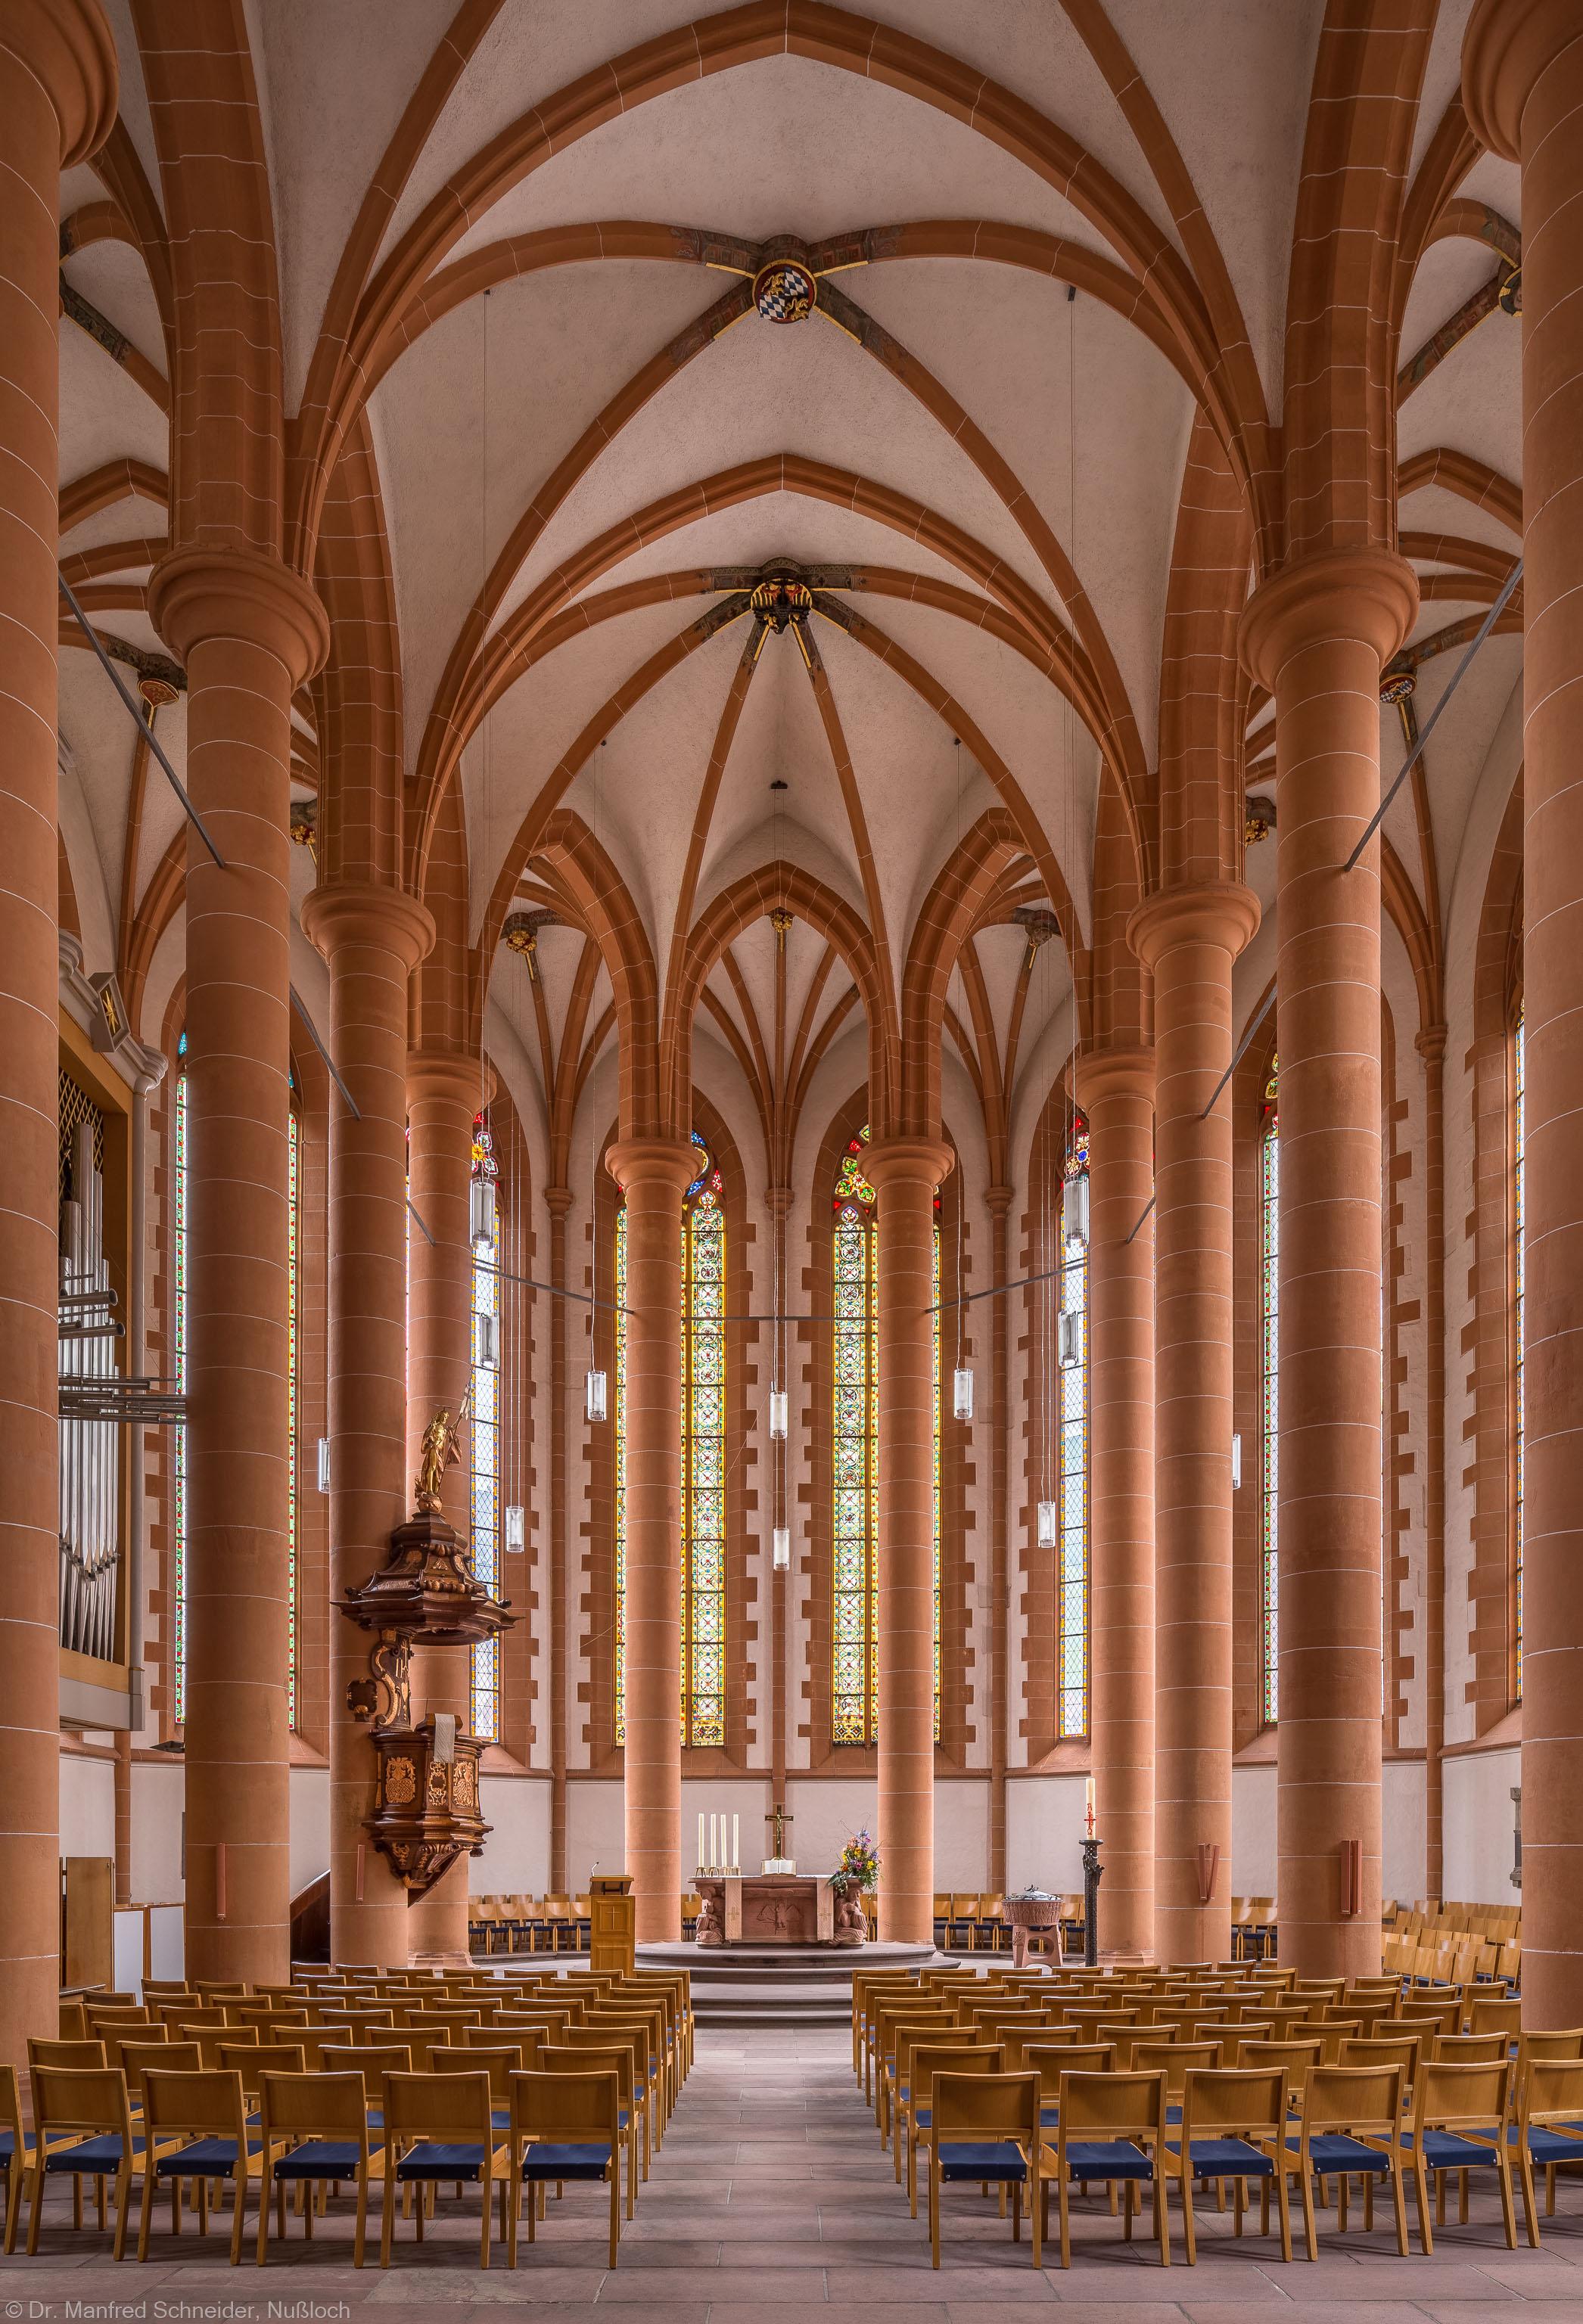 Heidelberg - Heiliggeistkirche - Chor - Blick in den Chor mit Säulen, Gewölbe, Kanzel und Altar (aufgenommen im April 2013, am Vormittag)